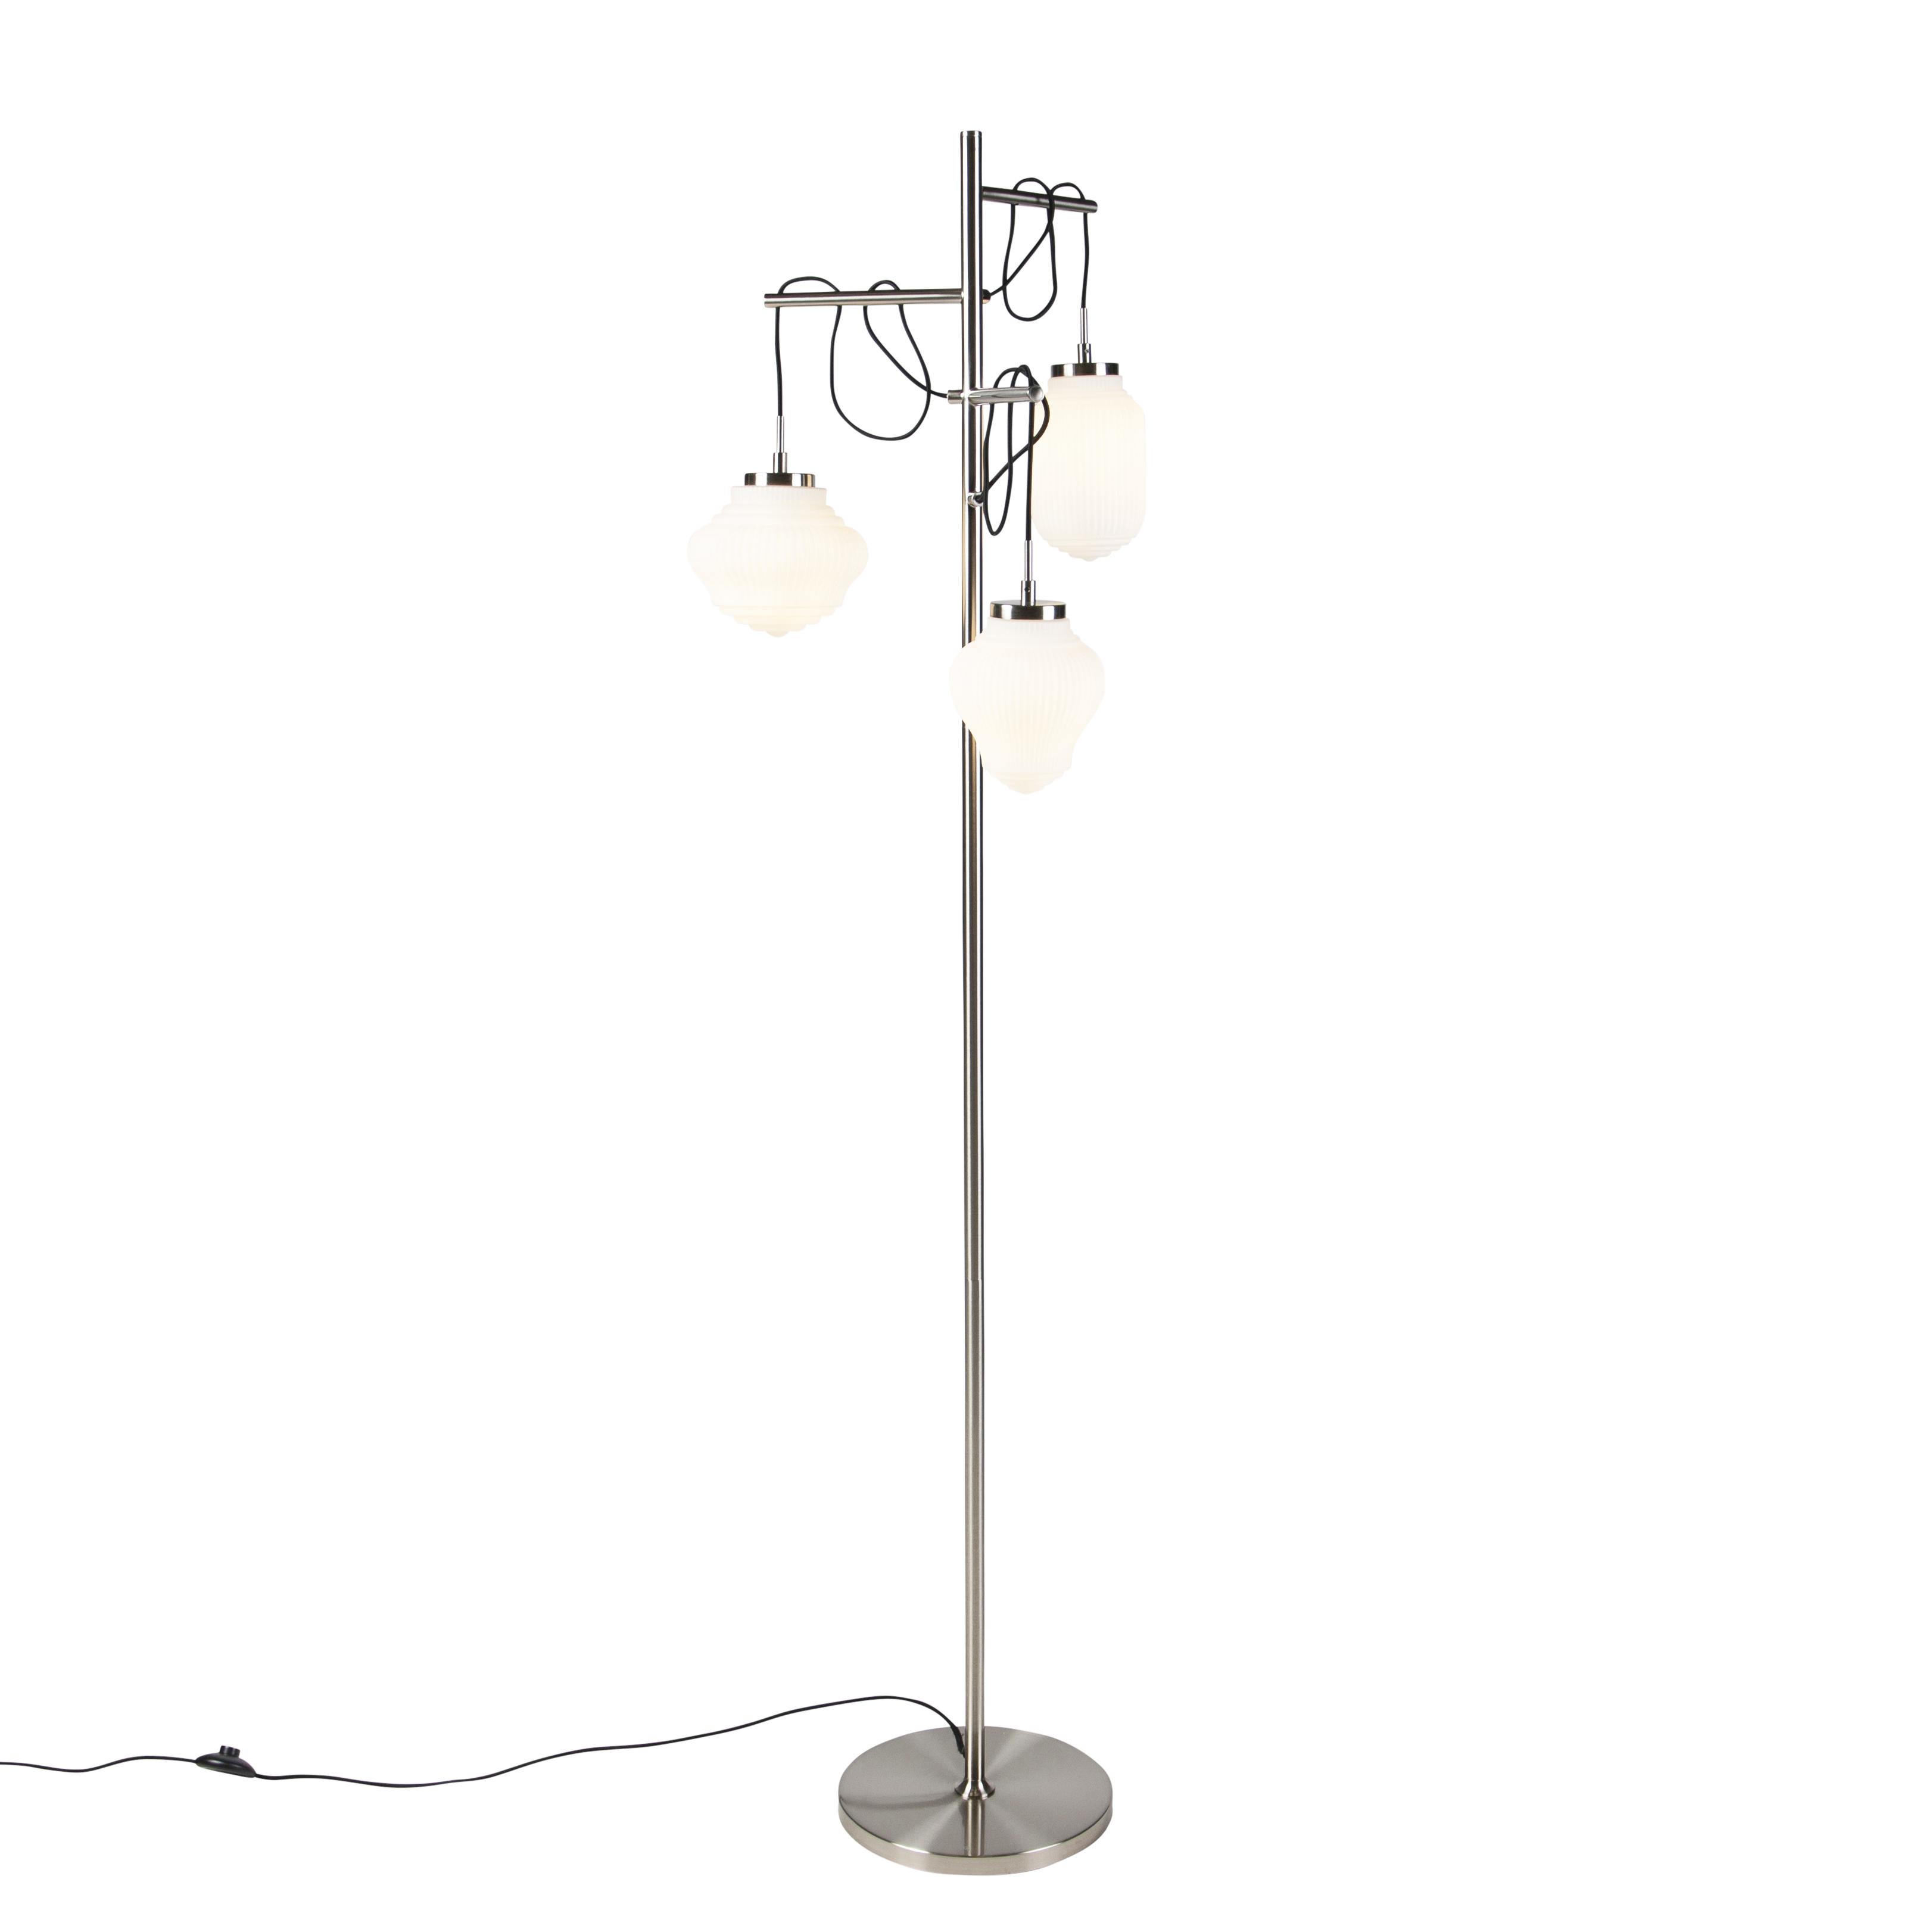 Obraz przedstawiający Art deco lampa podłogowa stal z opalizującym szkłem 3-źródła światła - Bolsena Nowoczesny Oswietlenie wewnetrzne